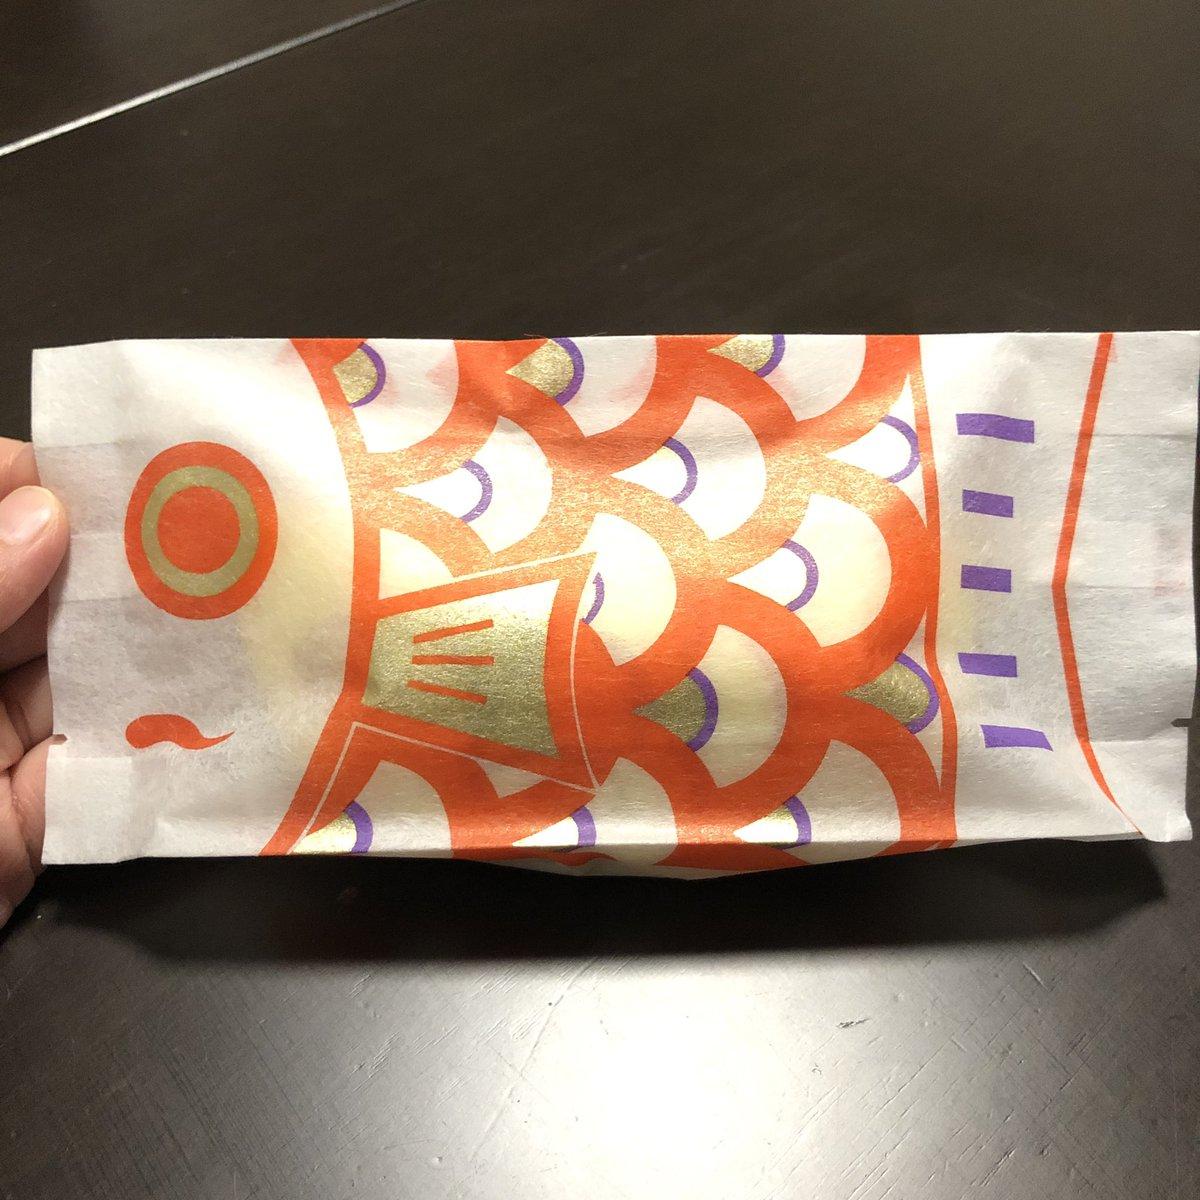 test ツイッターメディア - 義実家から届いた鯉のぼりカステラ🎏 松翁軒で頼んでくれたらしい。 前にここの桃カステラ送ったら気に入ってくれたらしくそこの鯉のぼりカステラをわざわざ送ってくれました♪ https://t.co/EO0rjlpeBJ